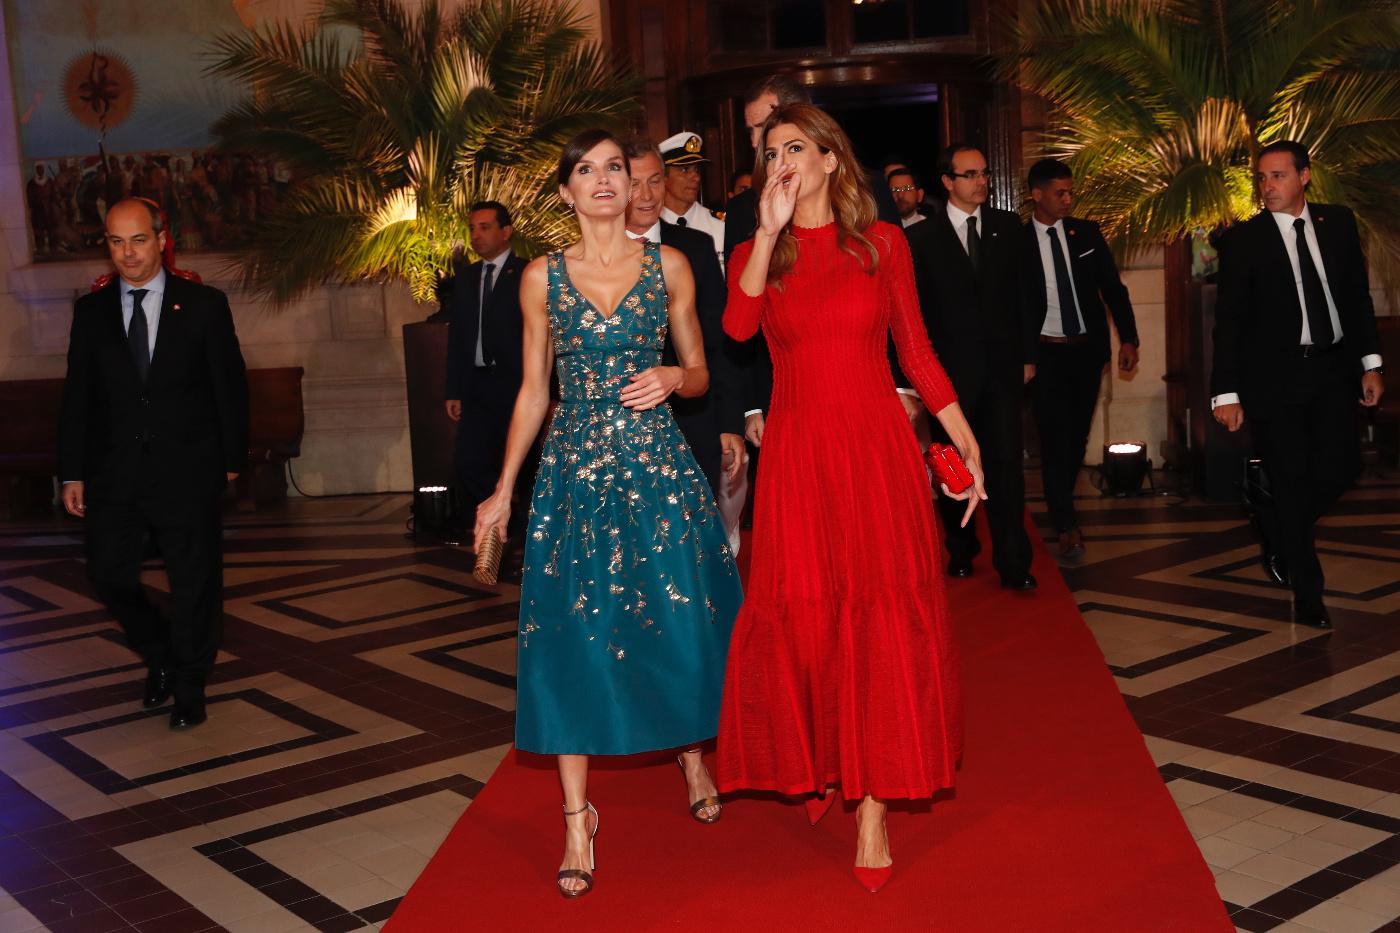 First Lady Juliana Awada und Königin Letizia unterhalten sich wie alte Freundinnen.  © Casa de S.M. el Rey